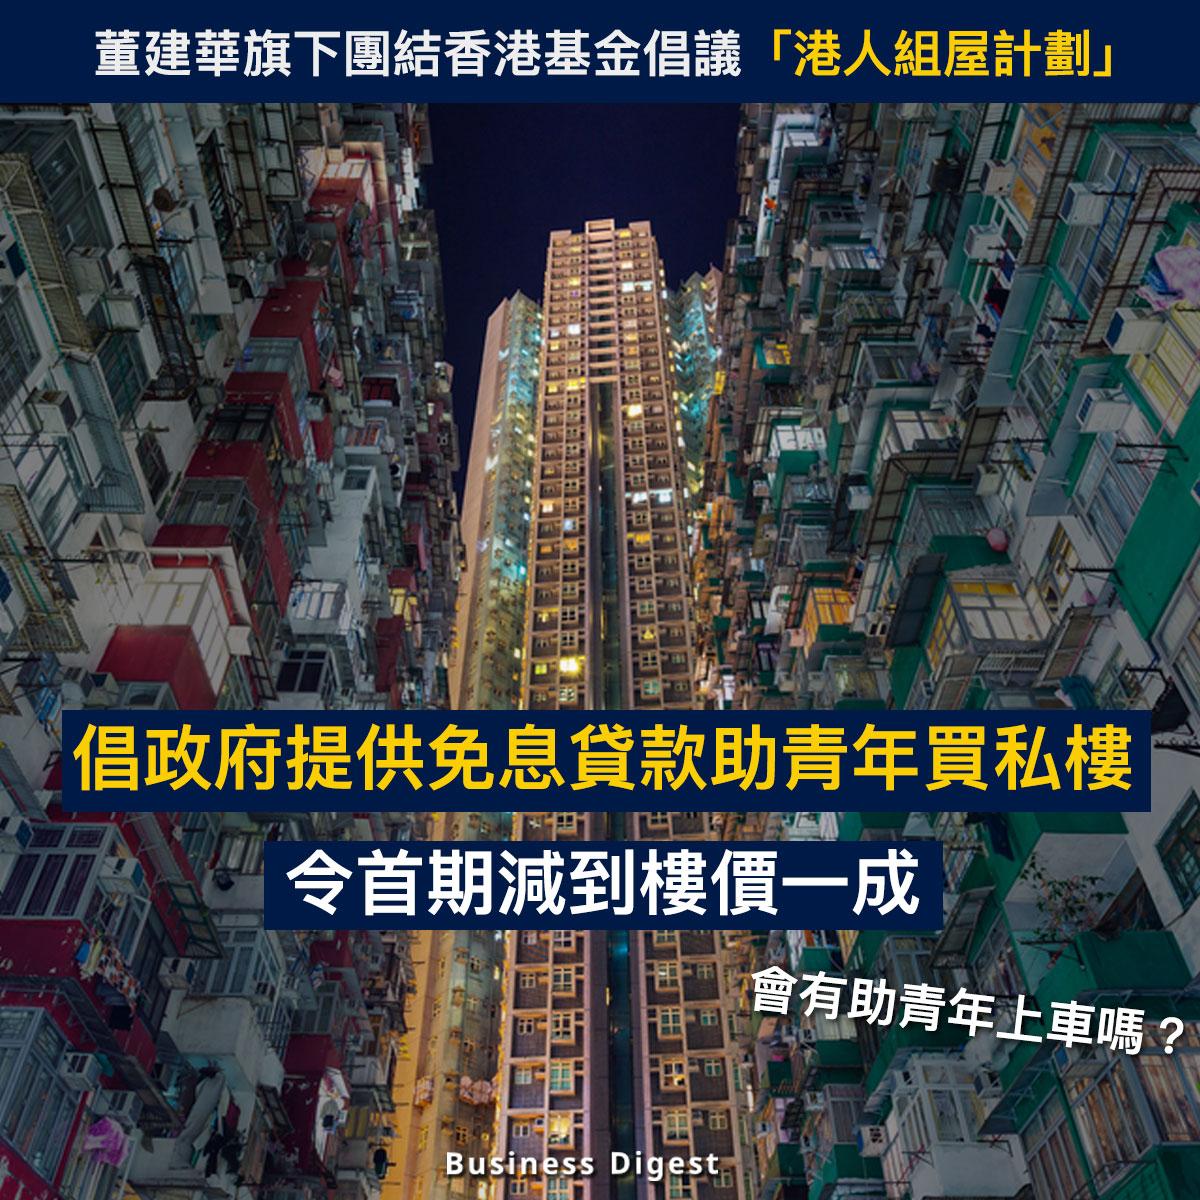 【商業熱話】團結香港基金倡議「港人組屋計劃」,倡政府提供免息貸款助青年買私樓